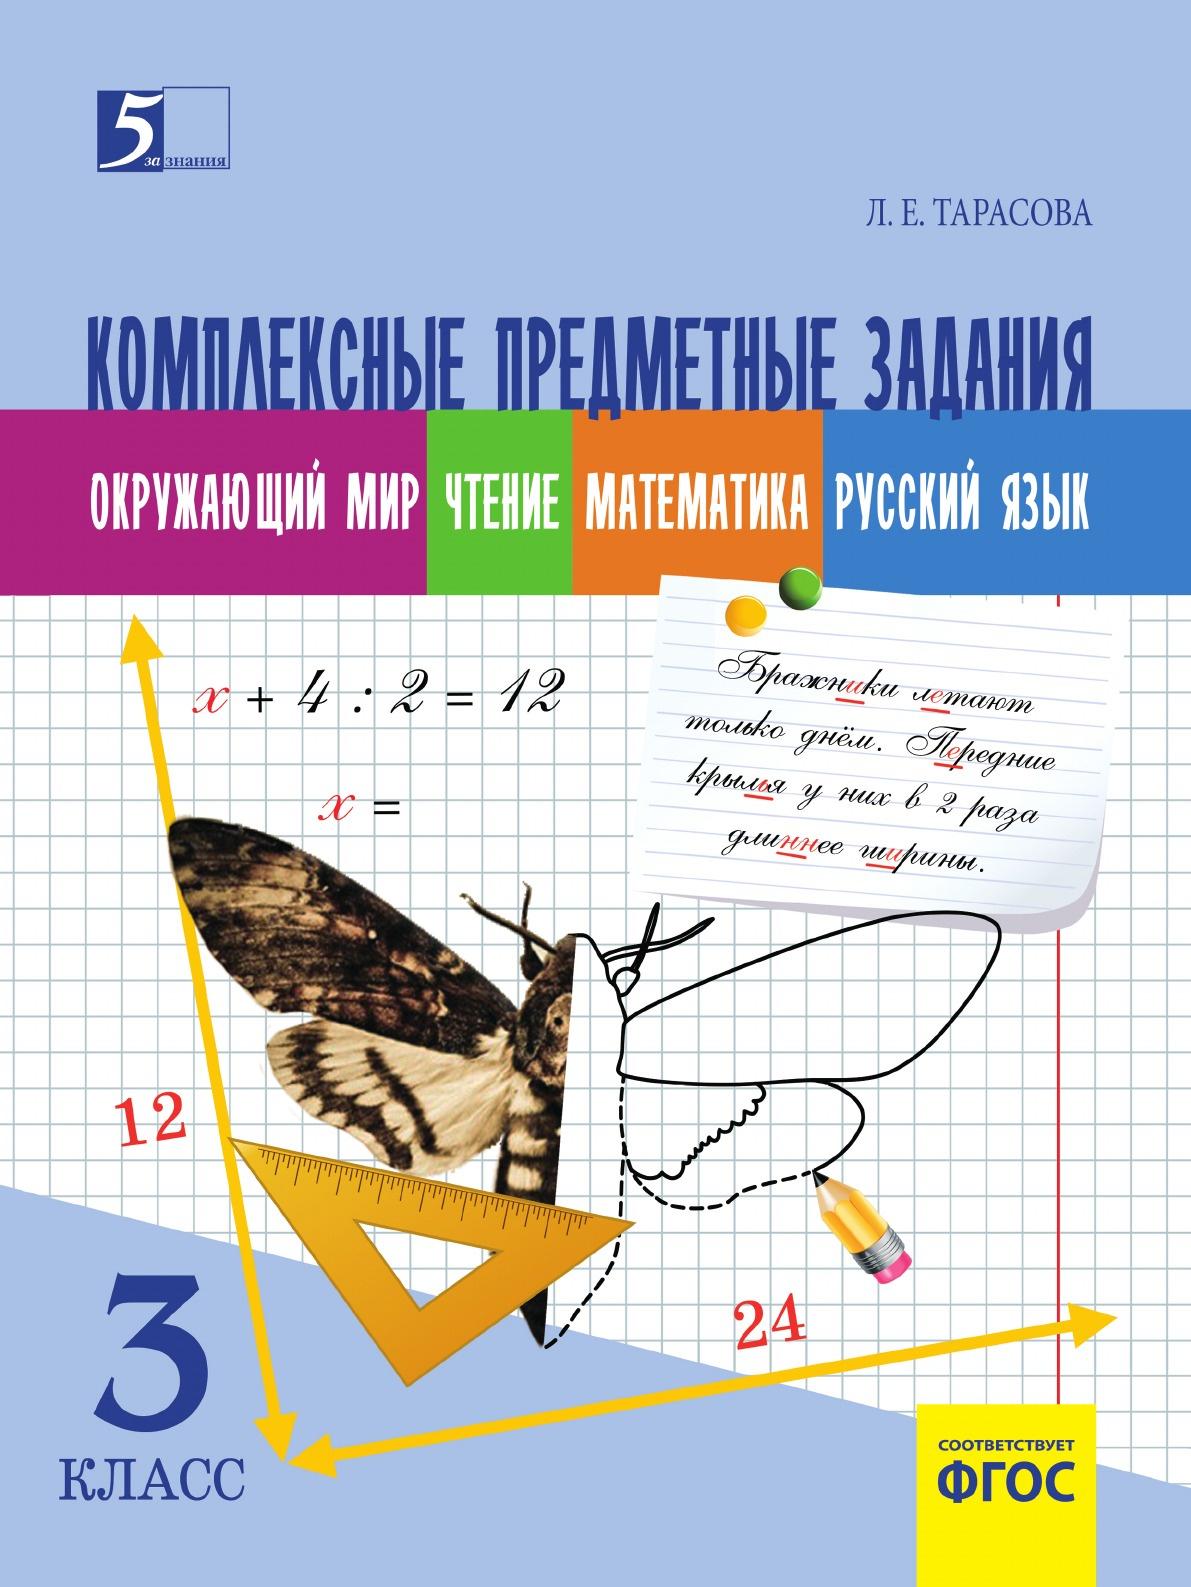 Тарасова Л.Е. Комплексные предметные задания по окружающему миру, чтению, математи- ке, русскому языку (3 класс) для начальной школы